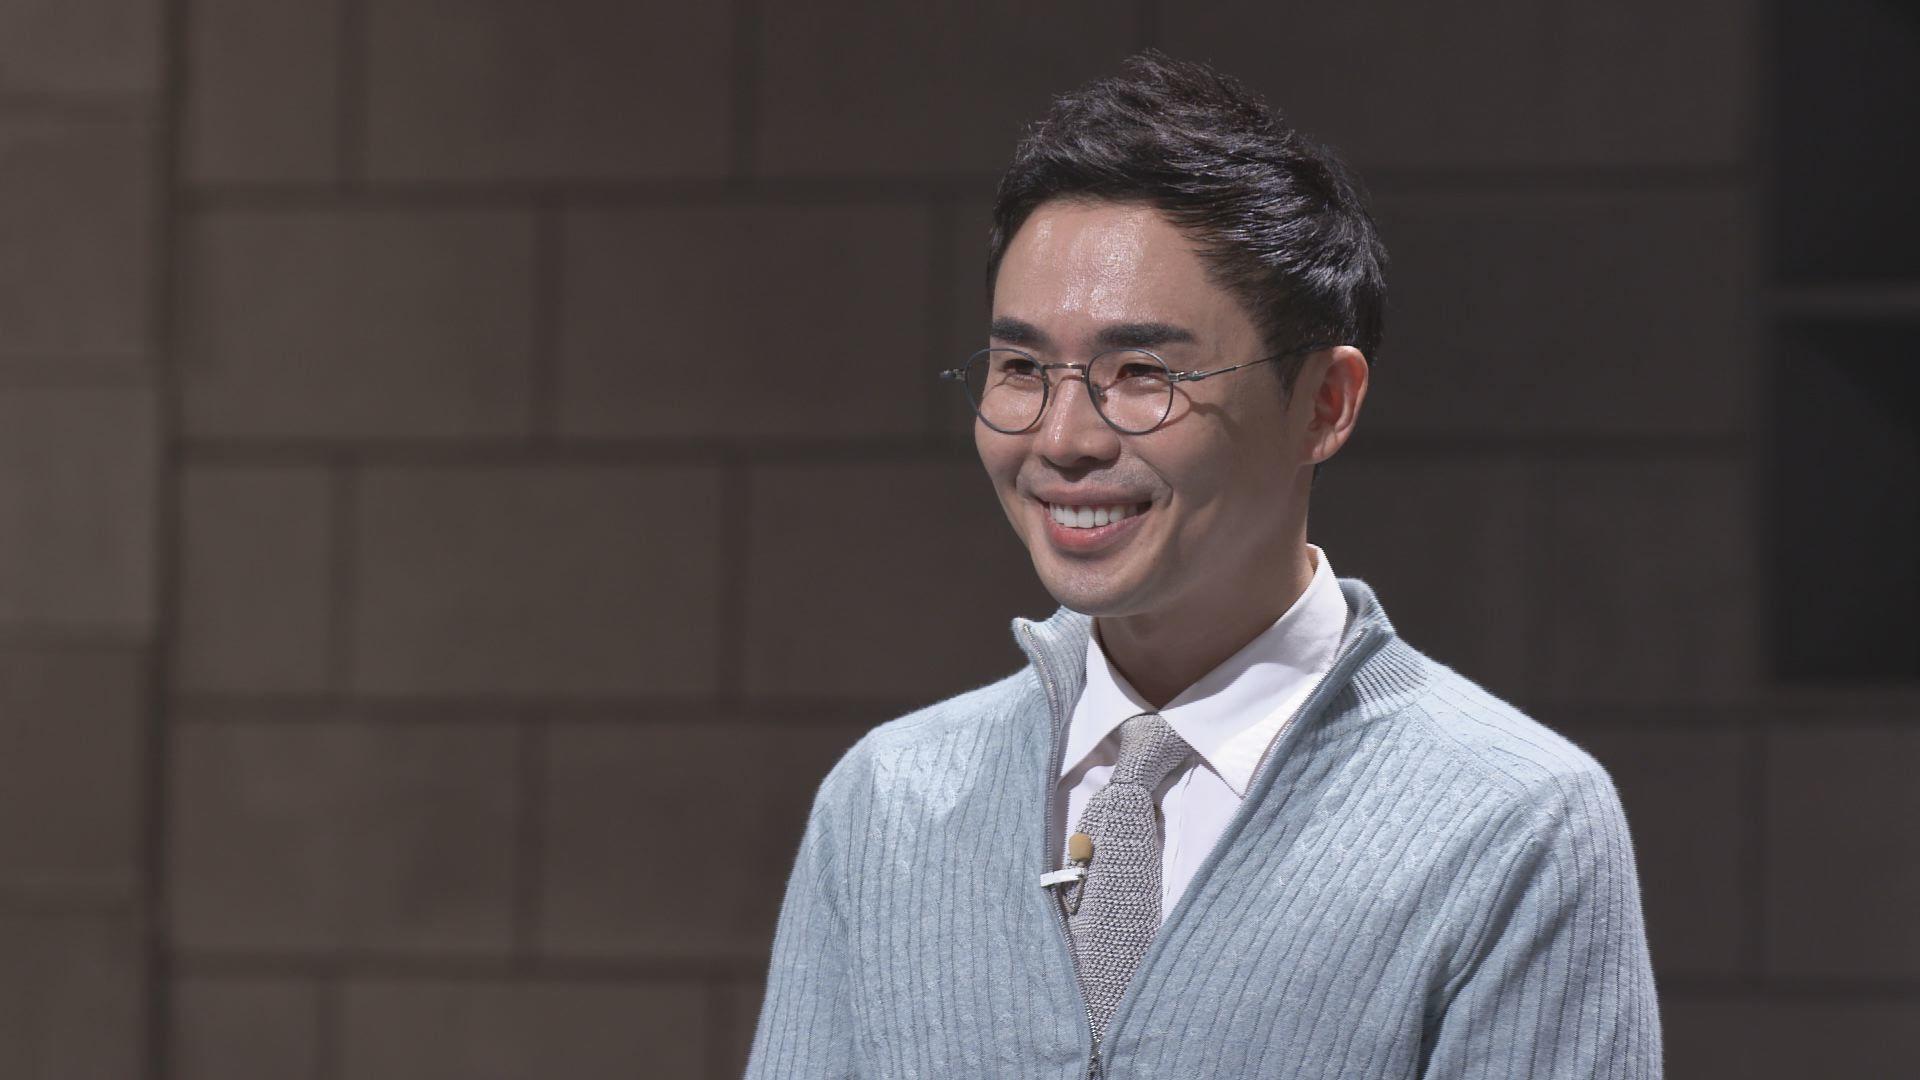 '어쩌다 어른'에 출연한 스타강사 설민석. 사진 tvN